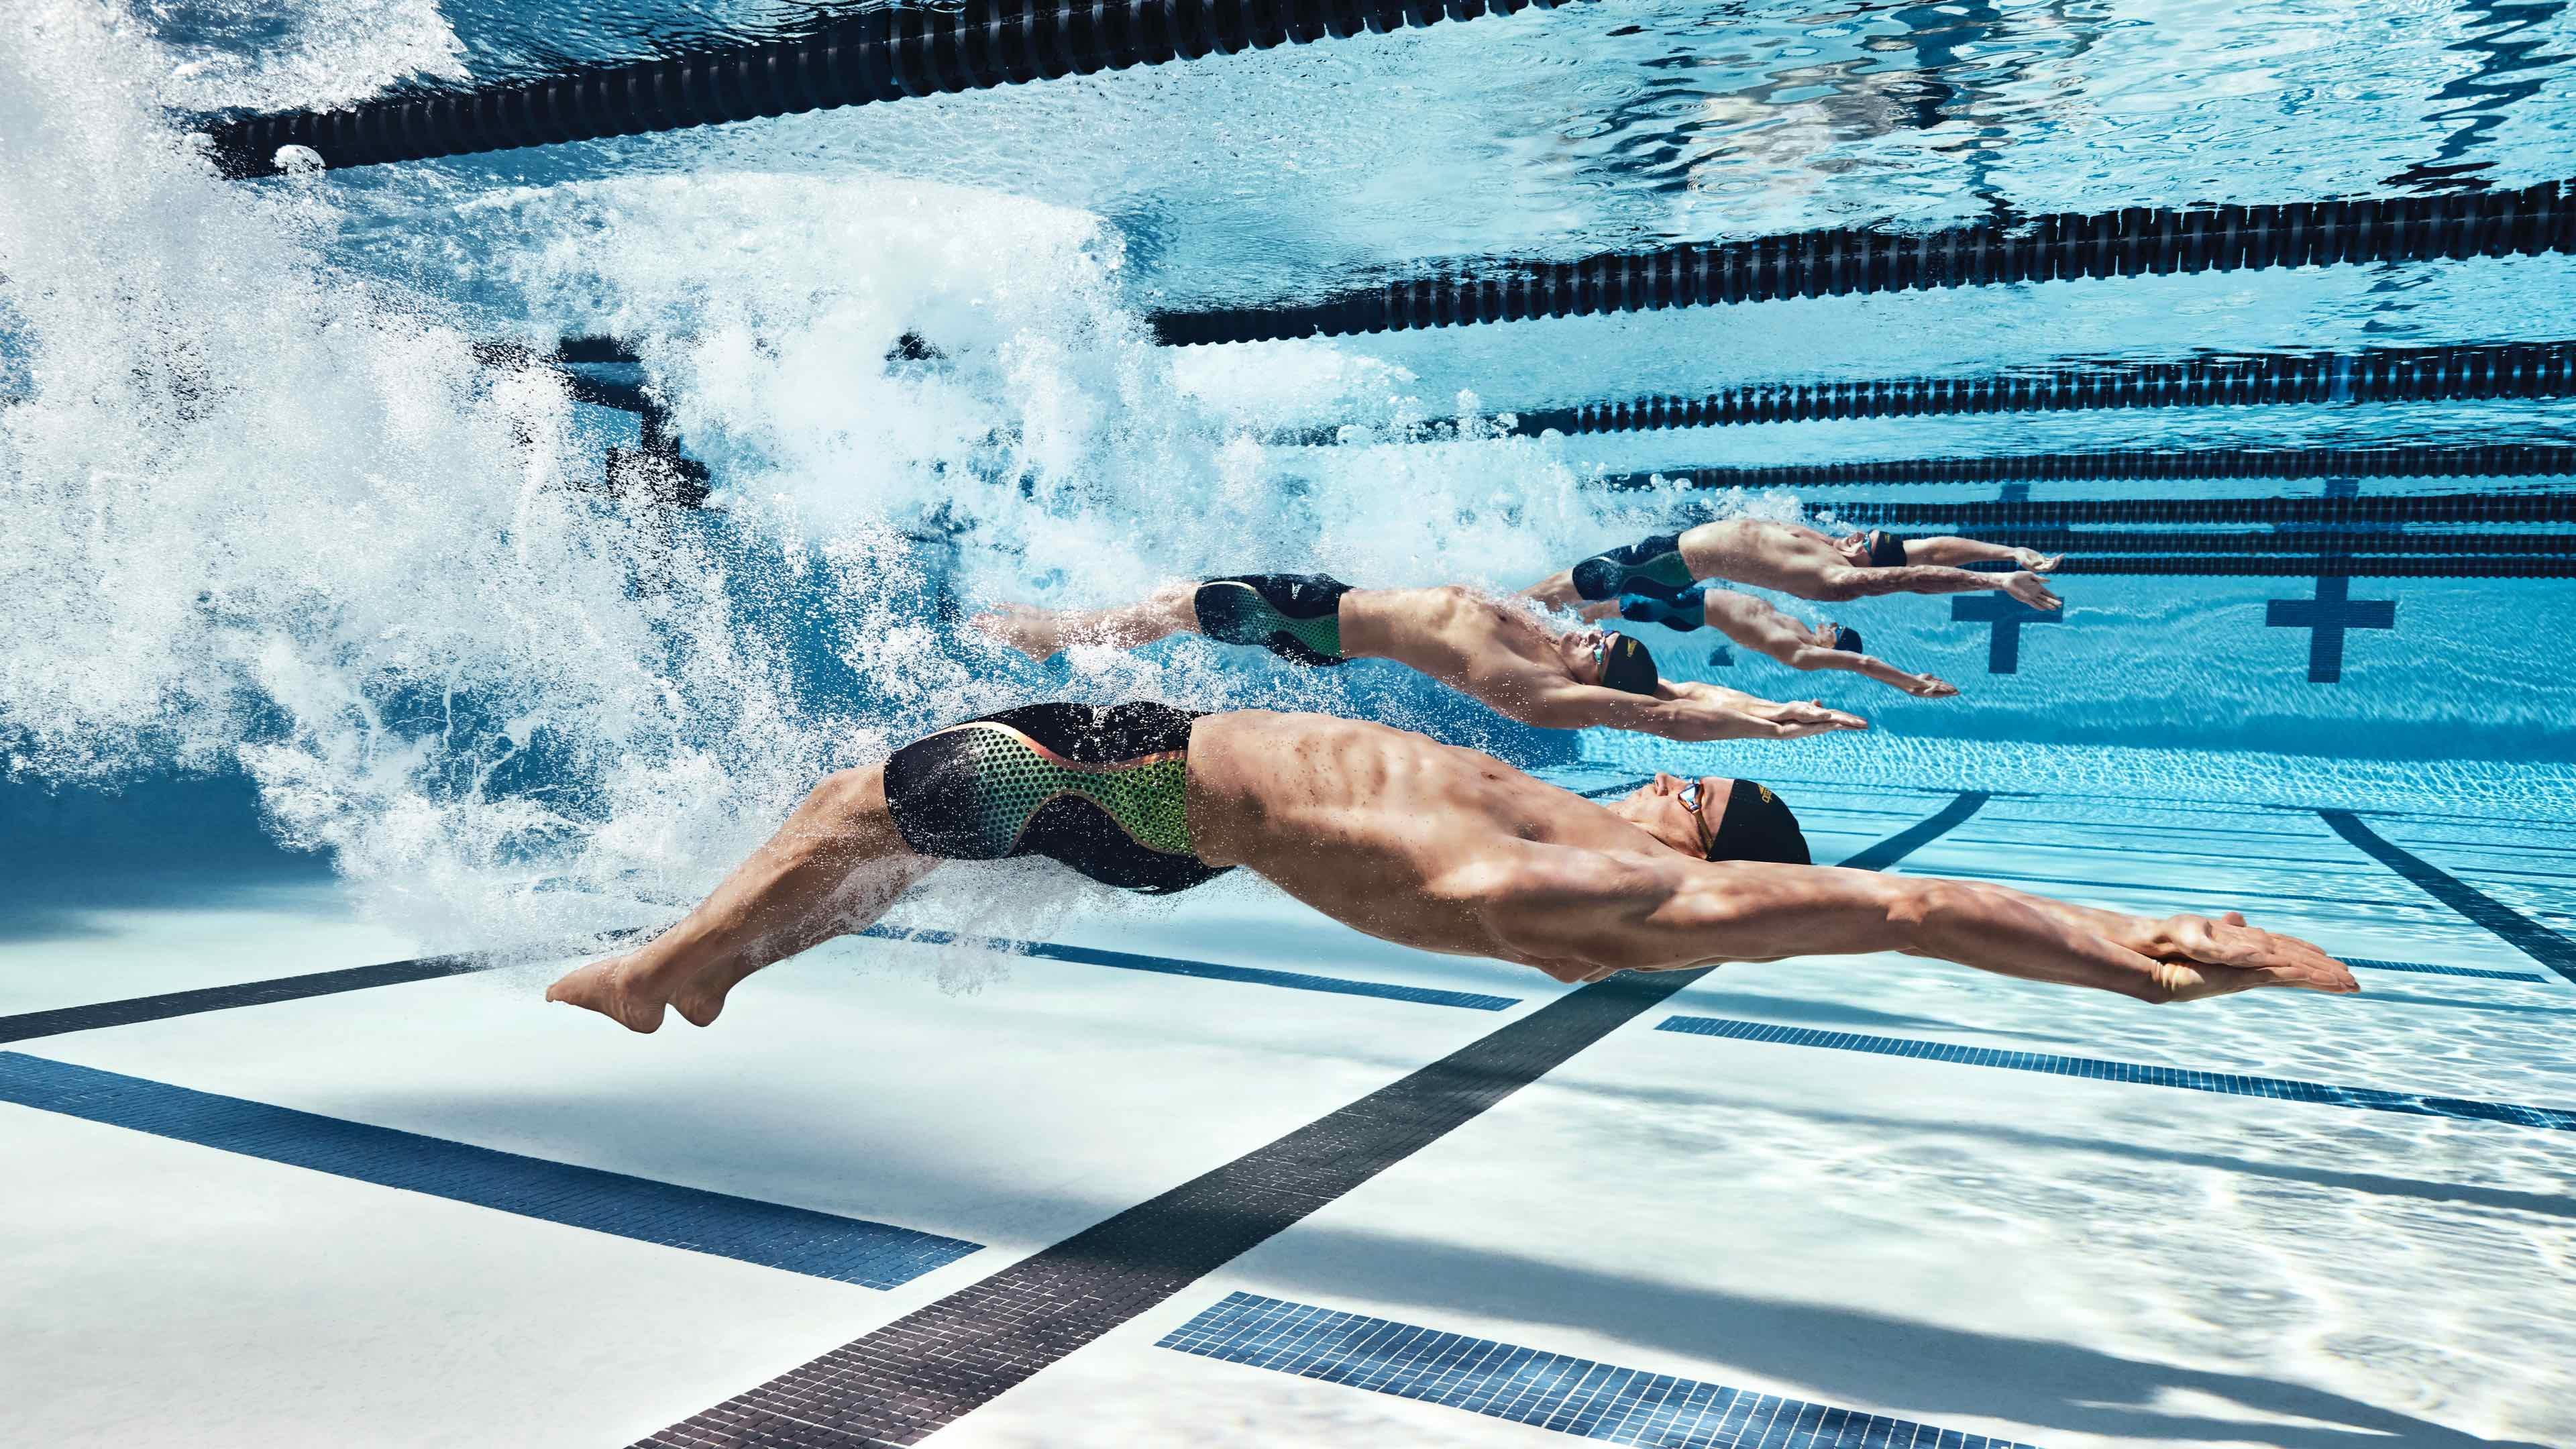 Backstroke wearing Speedo brand